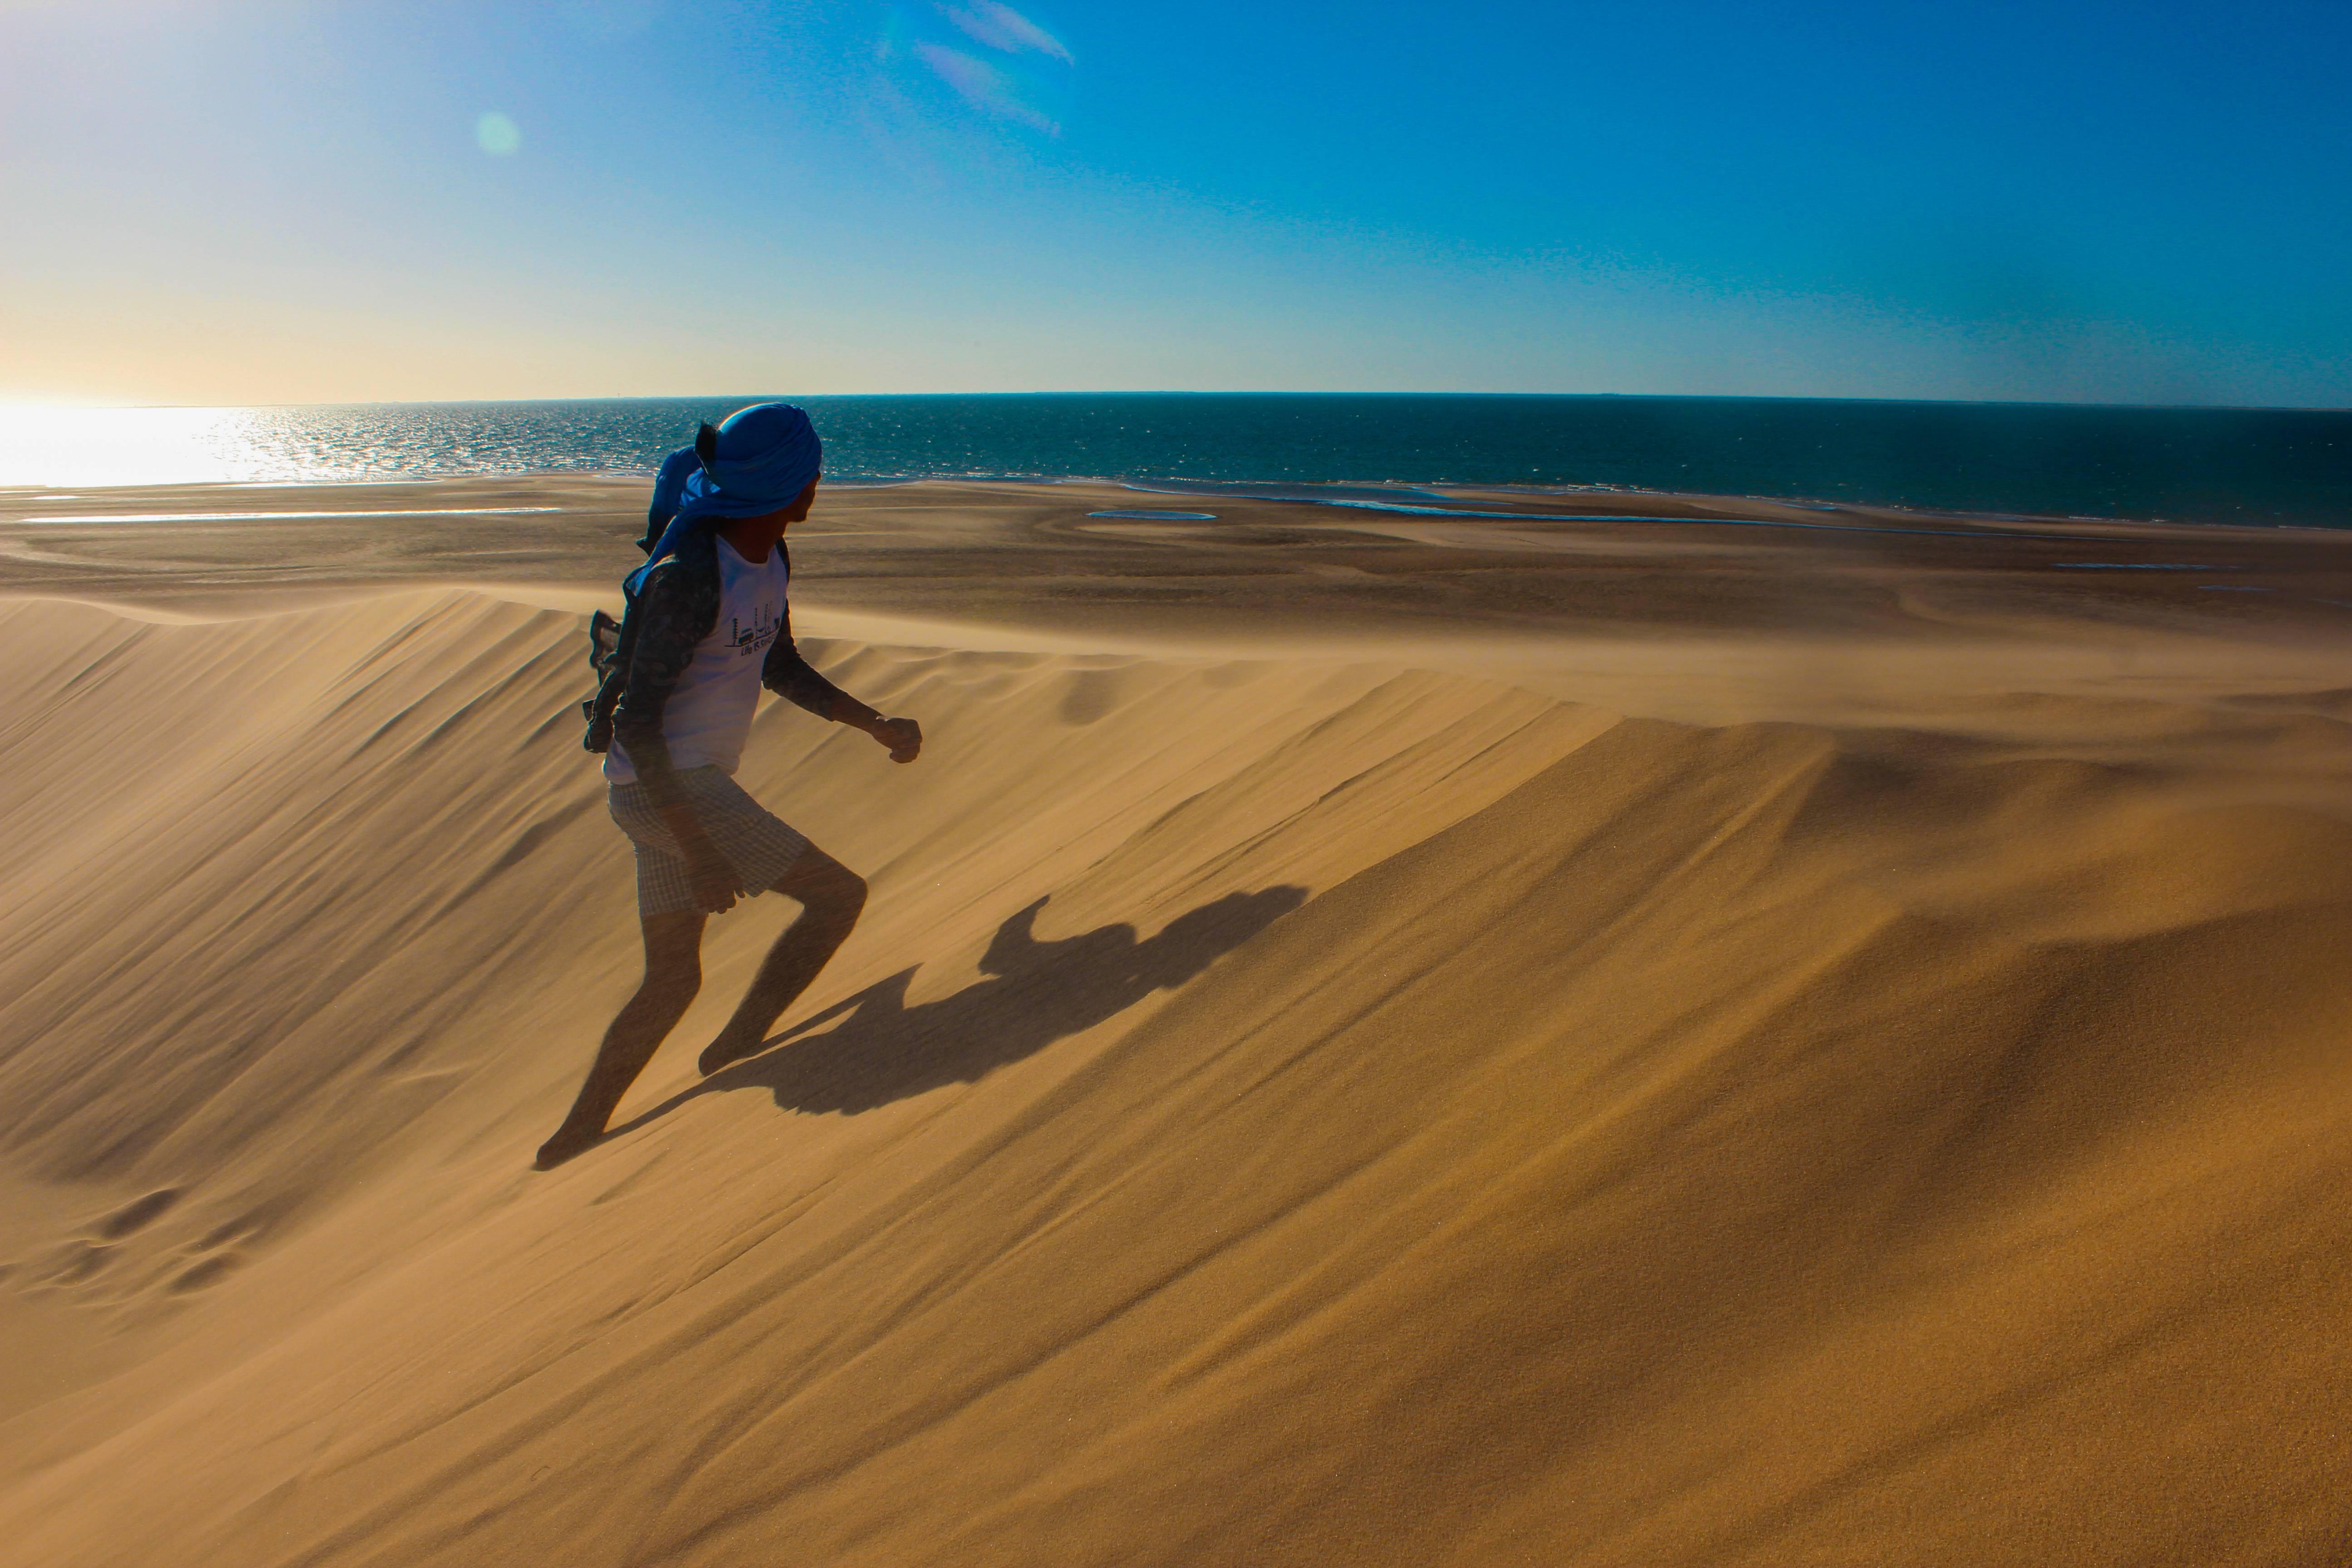 Photo 1: Trip arround dakhla ( Maroc ) : La dune blanche - Fom bouir - L'île du dragon